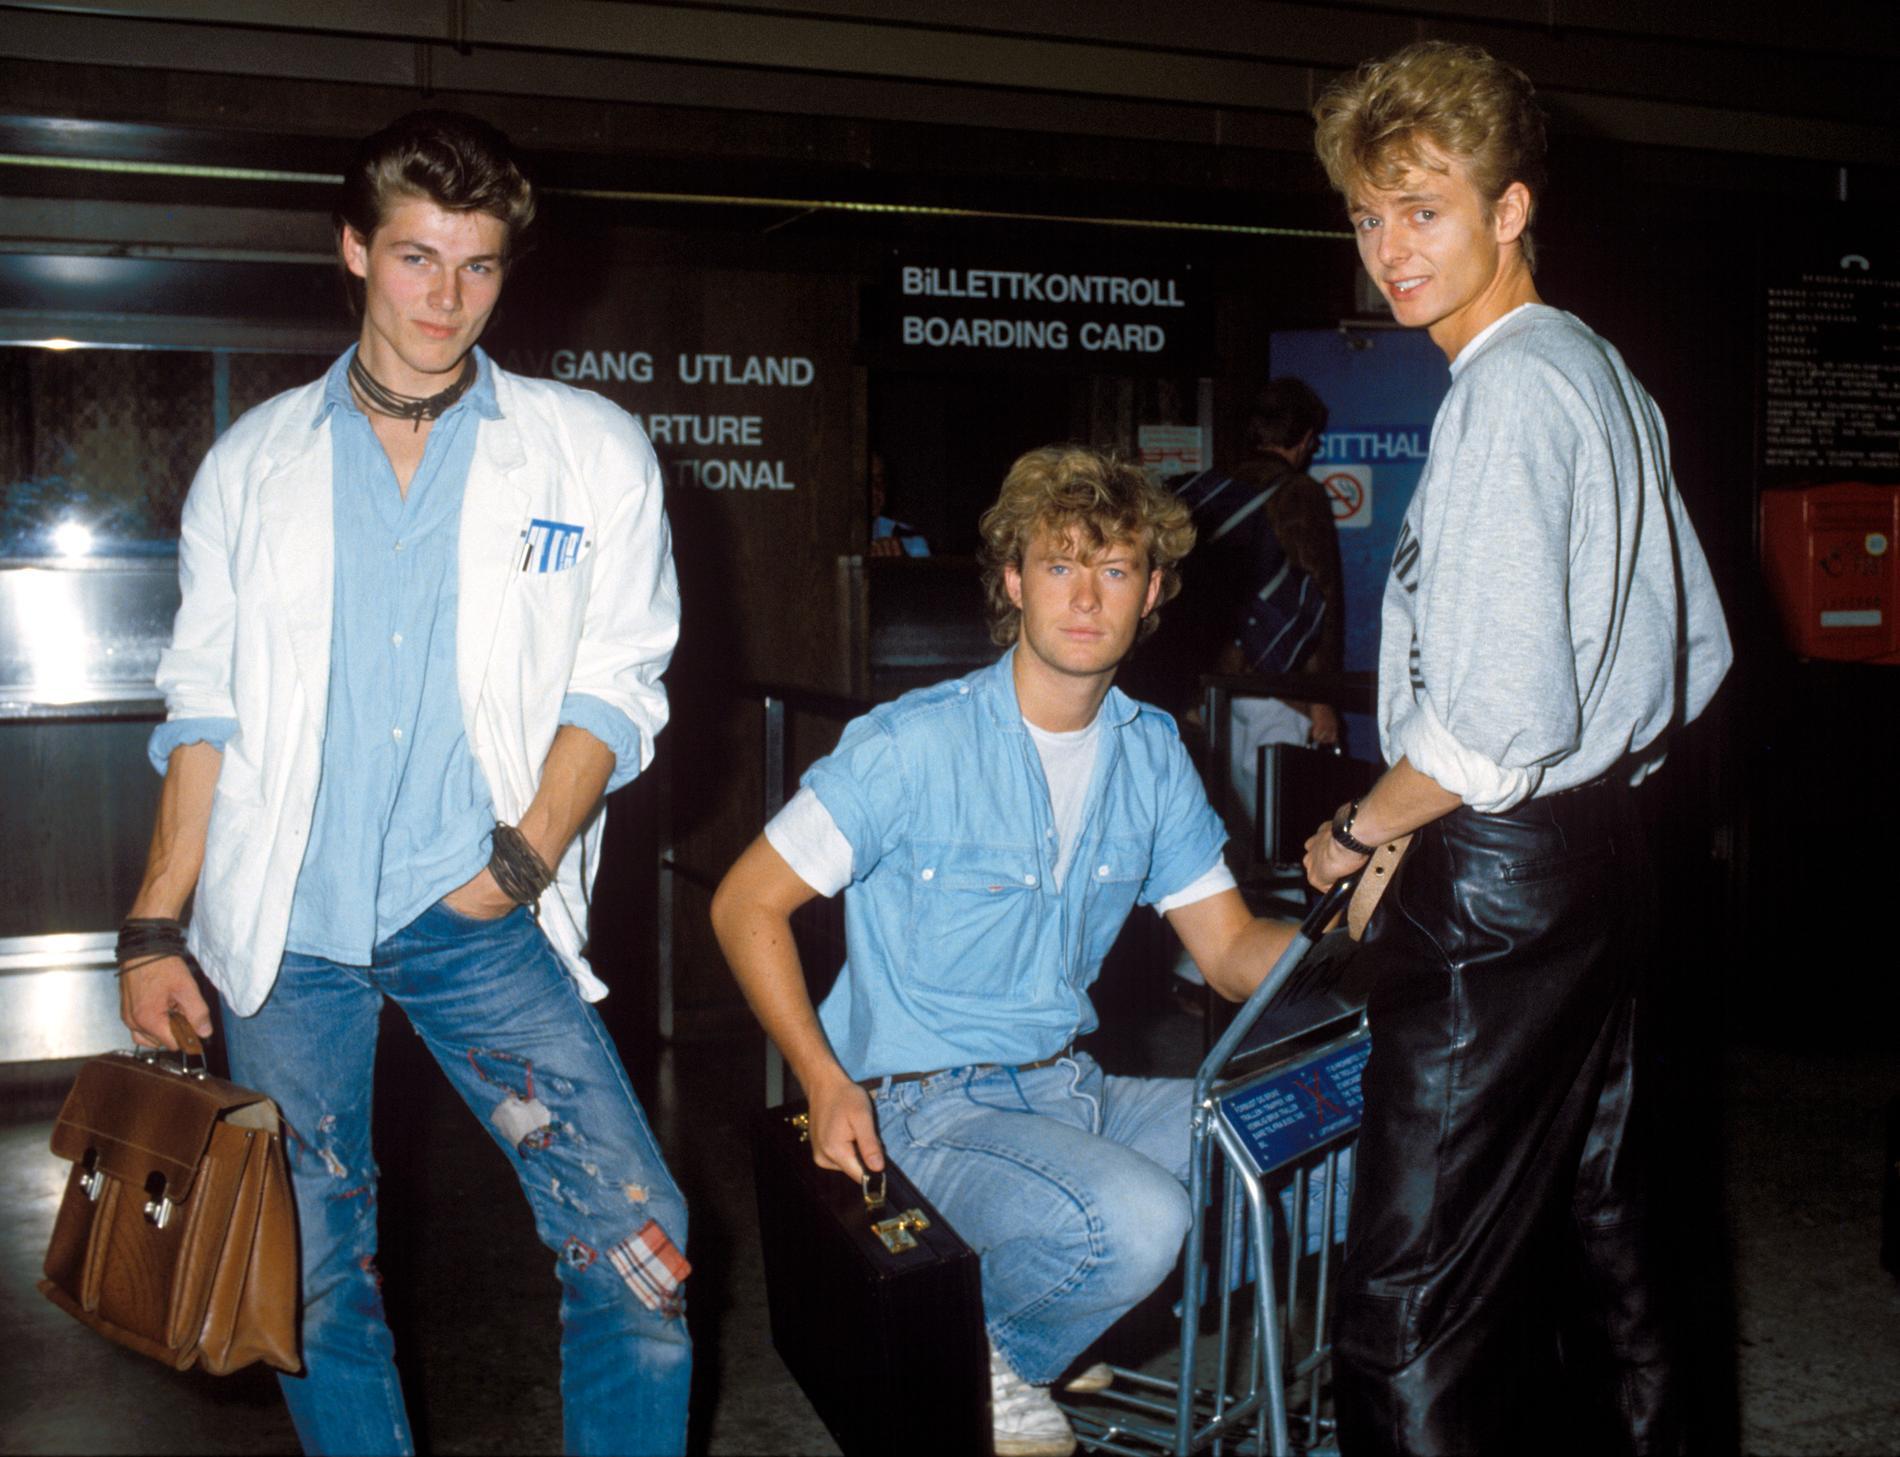 A-ha med från vänster Morten Harket, Magne Furuholmen och Paul Waaktaar 1985.